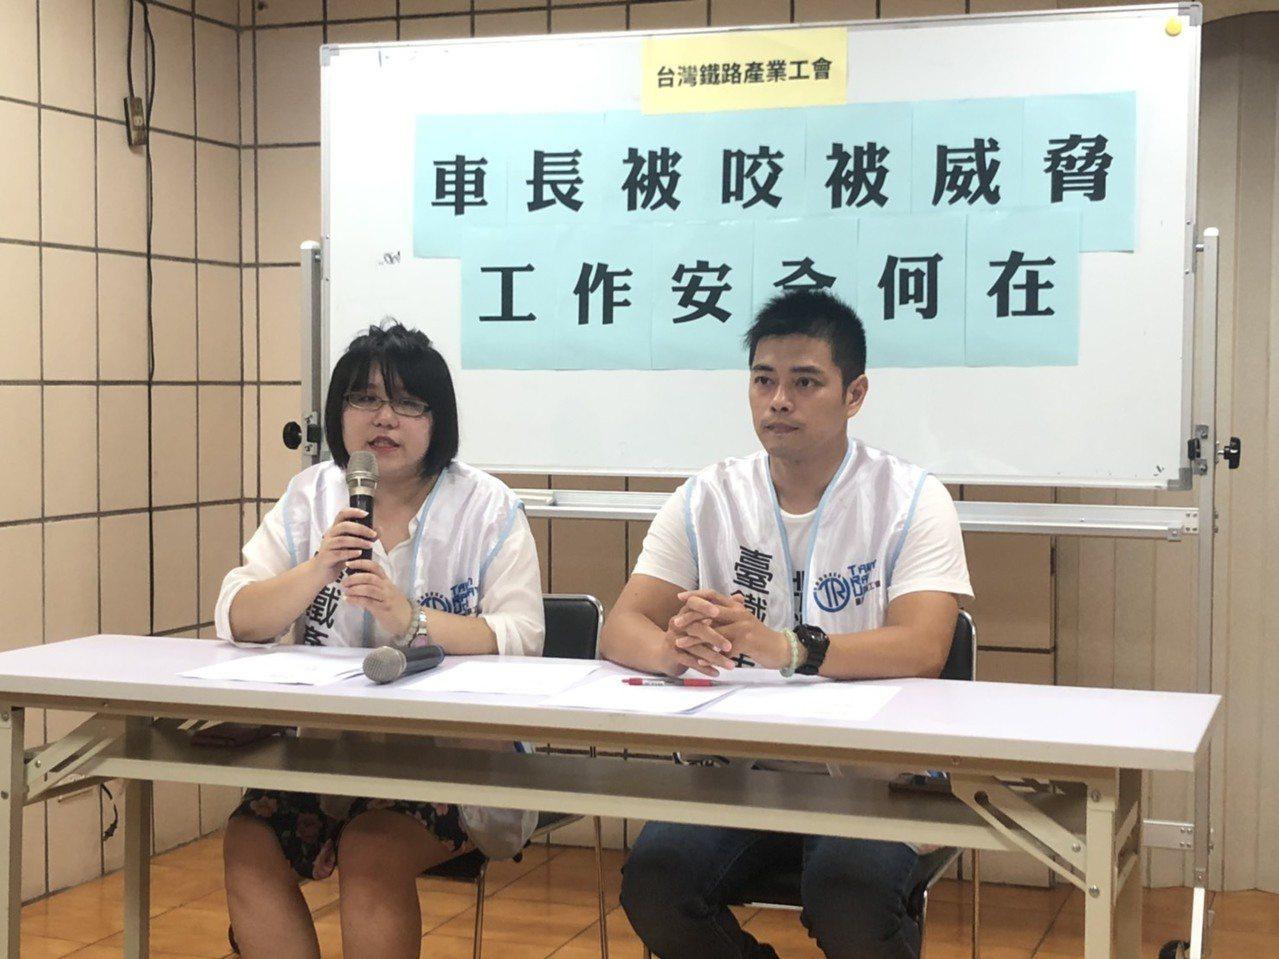 台灣鐵路產業工會今天上午開記者會,希望爭取車長的危險津貼常態化。記者曹悅華/攝影